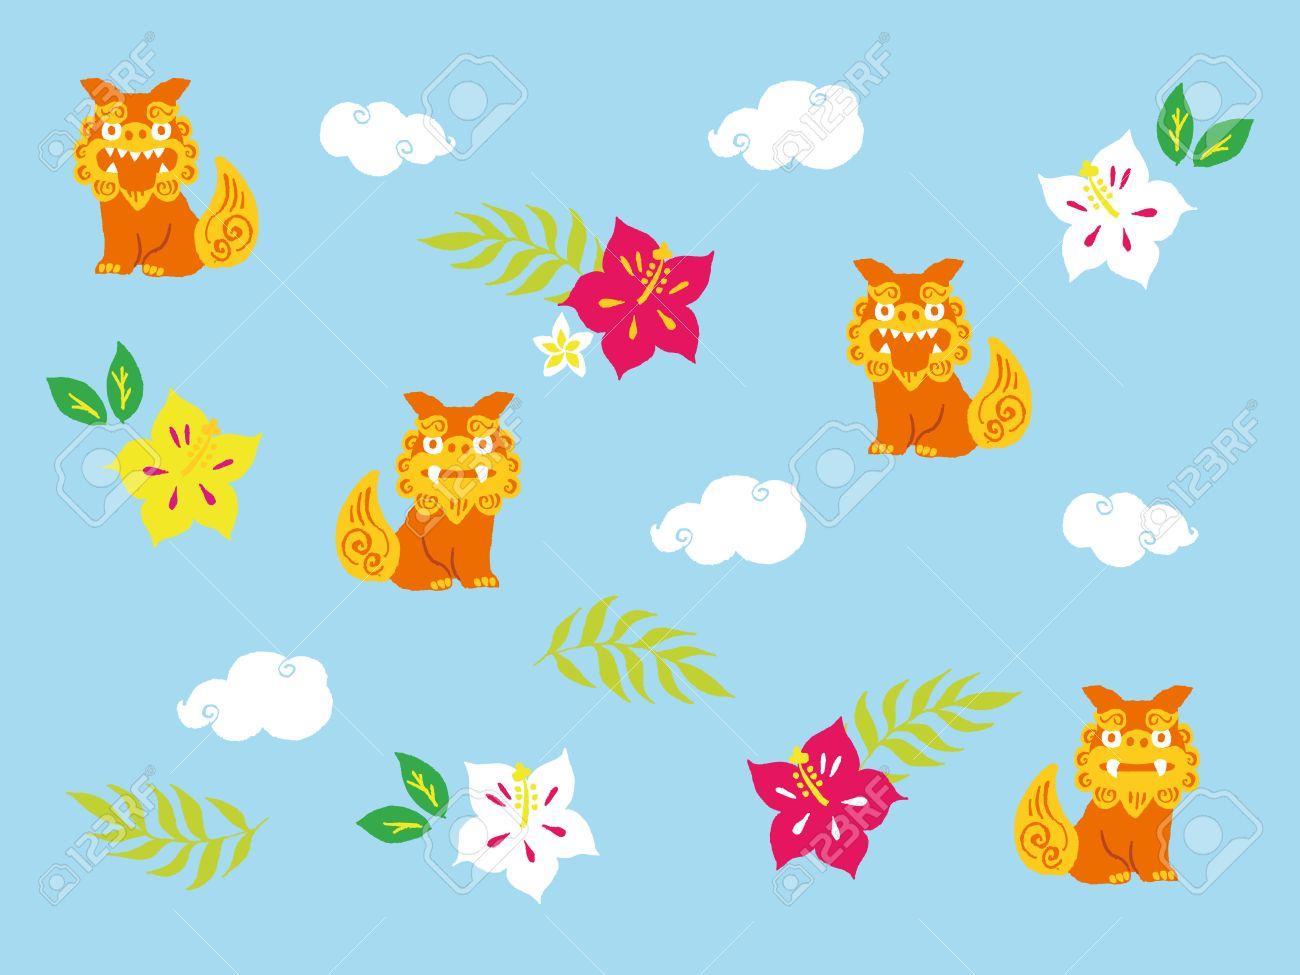 かわいい沖縄風イラストのイラスト素材ベクタ Image 63386399